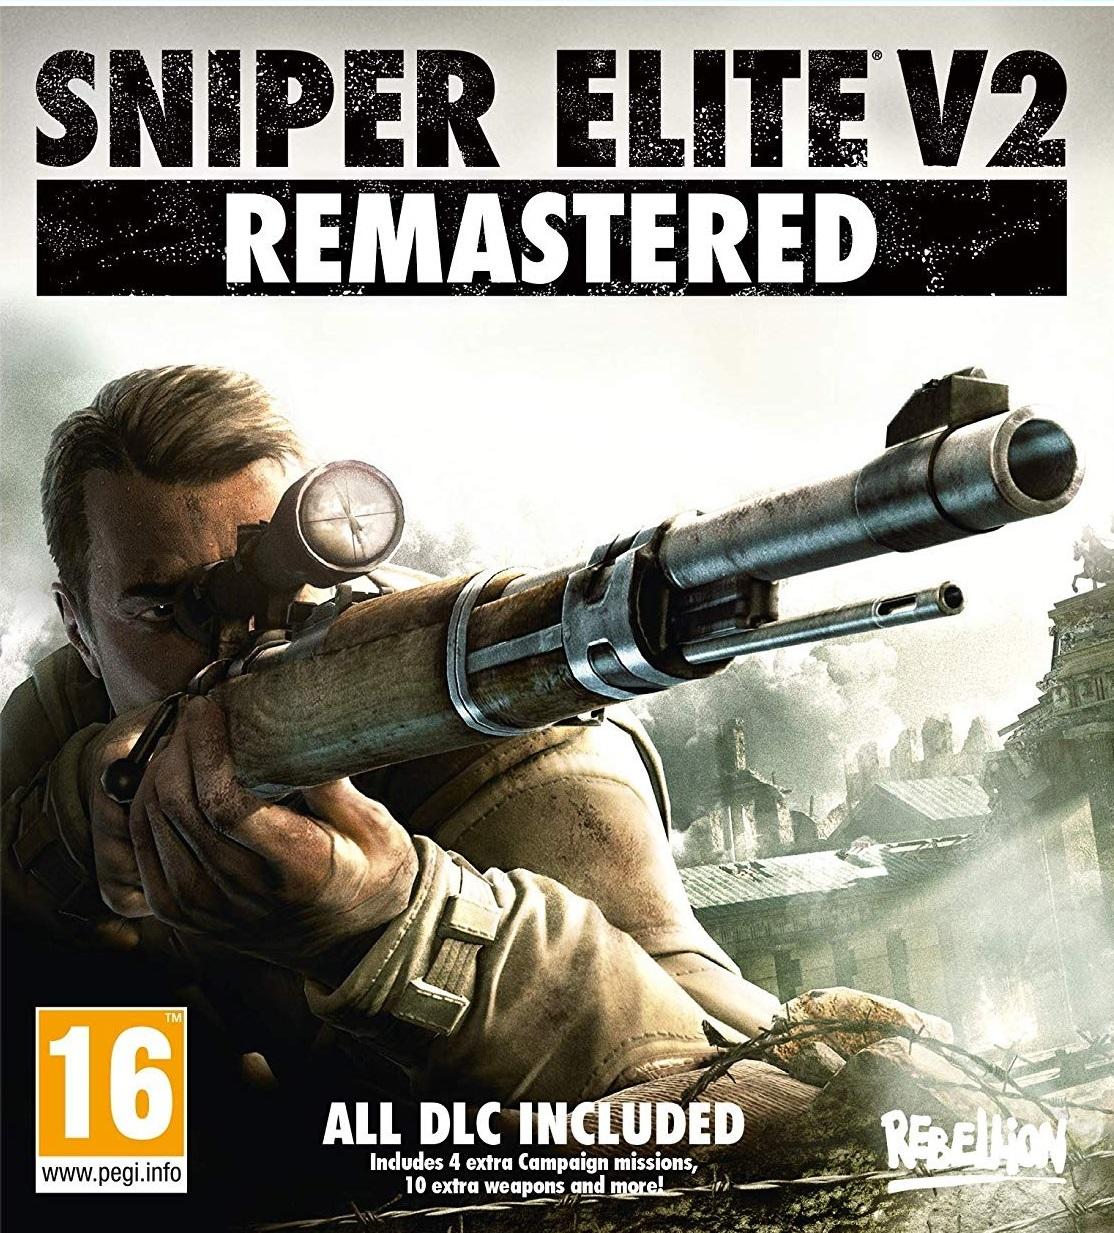 Sniper Elite V2 Remastered PC Cover Caratula